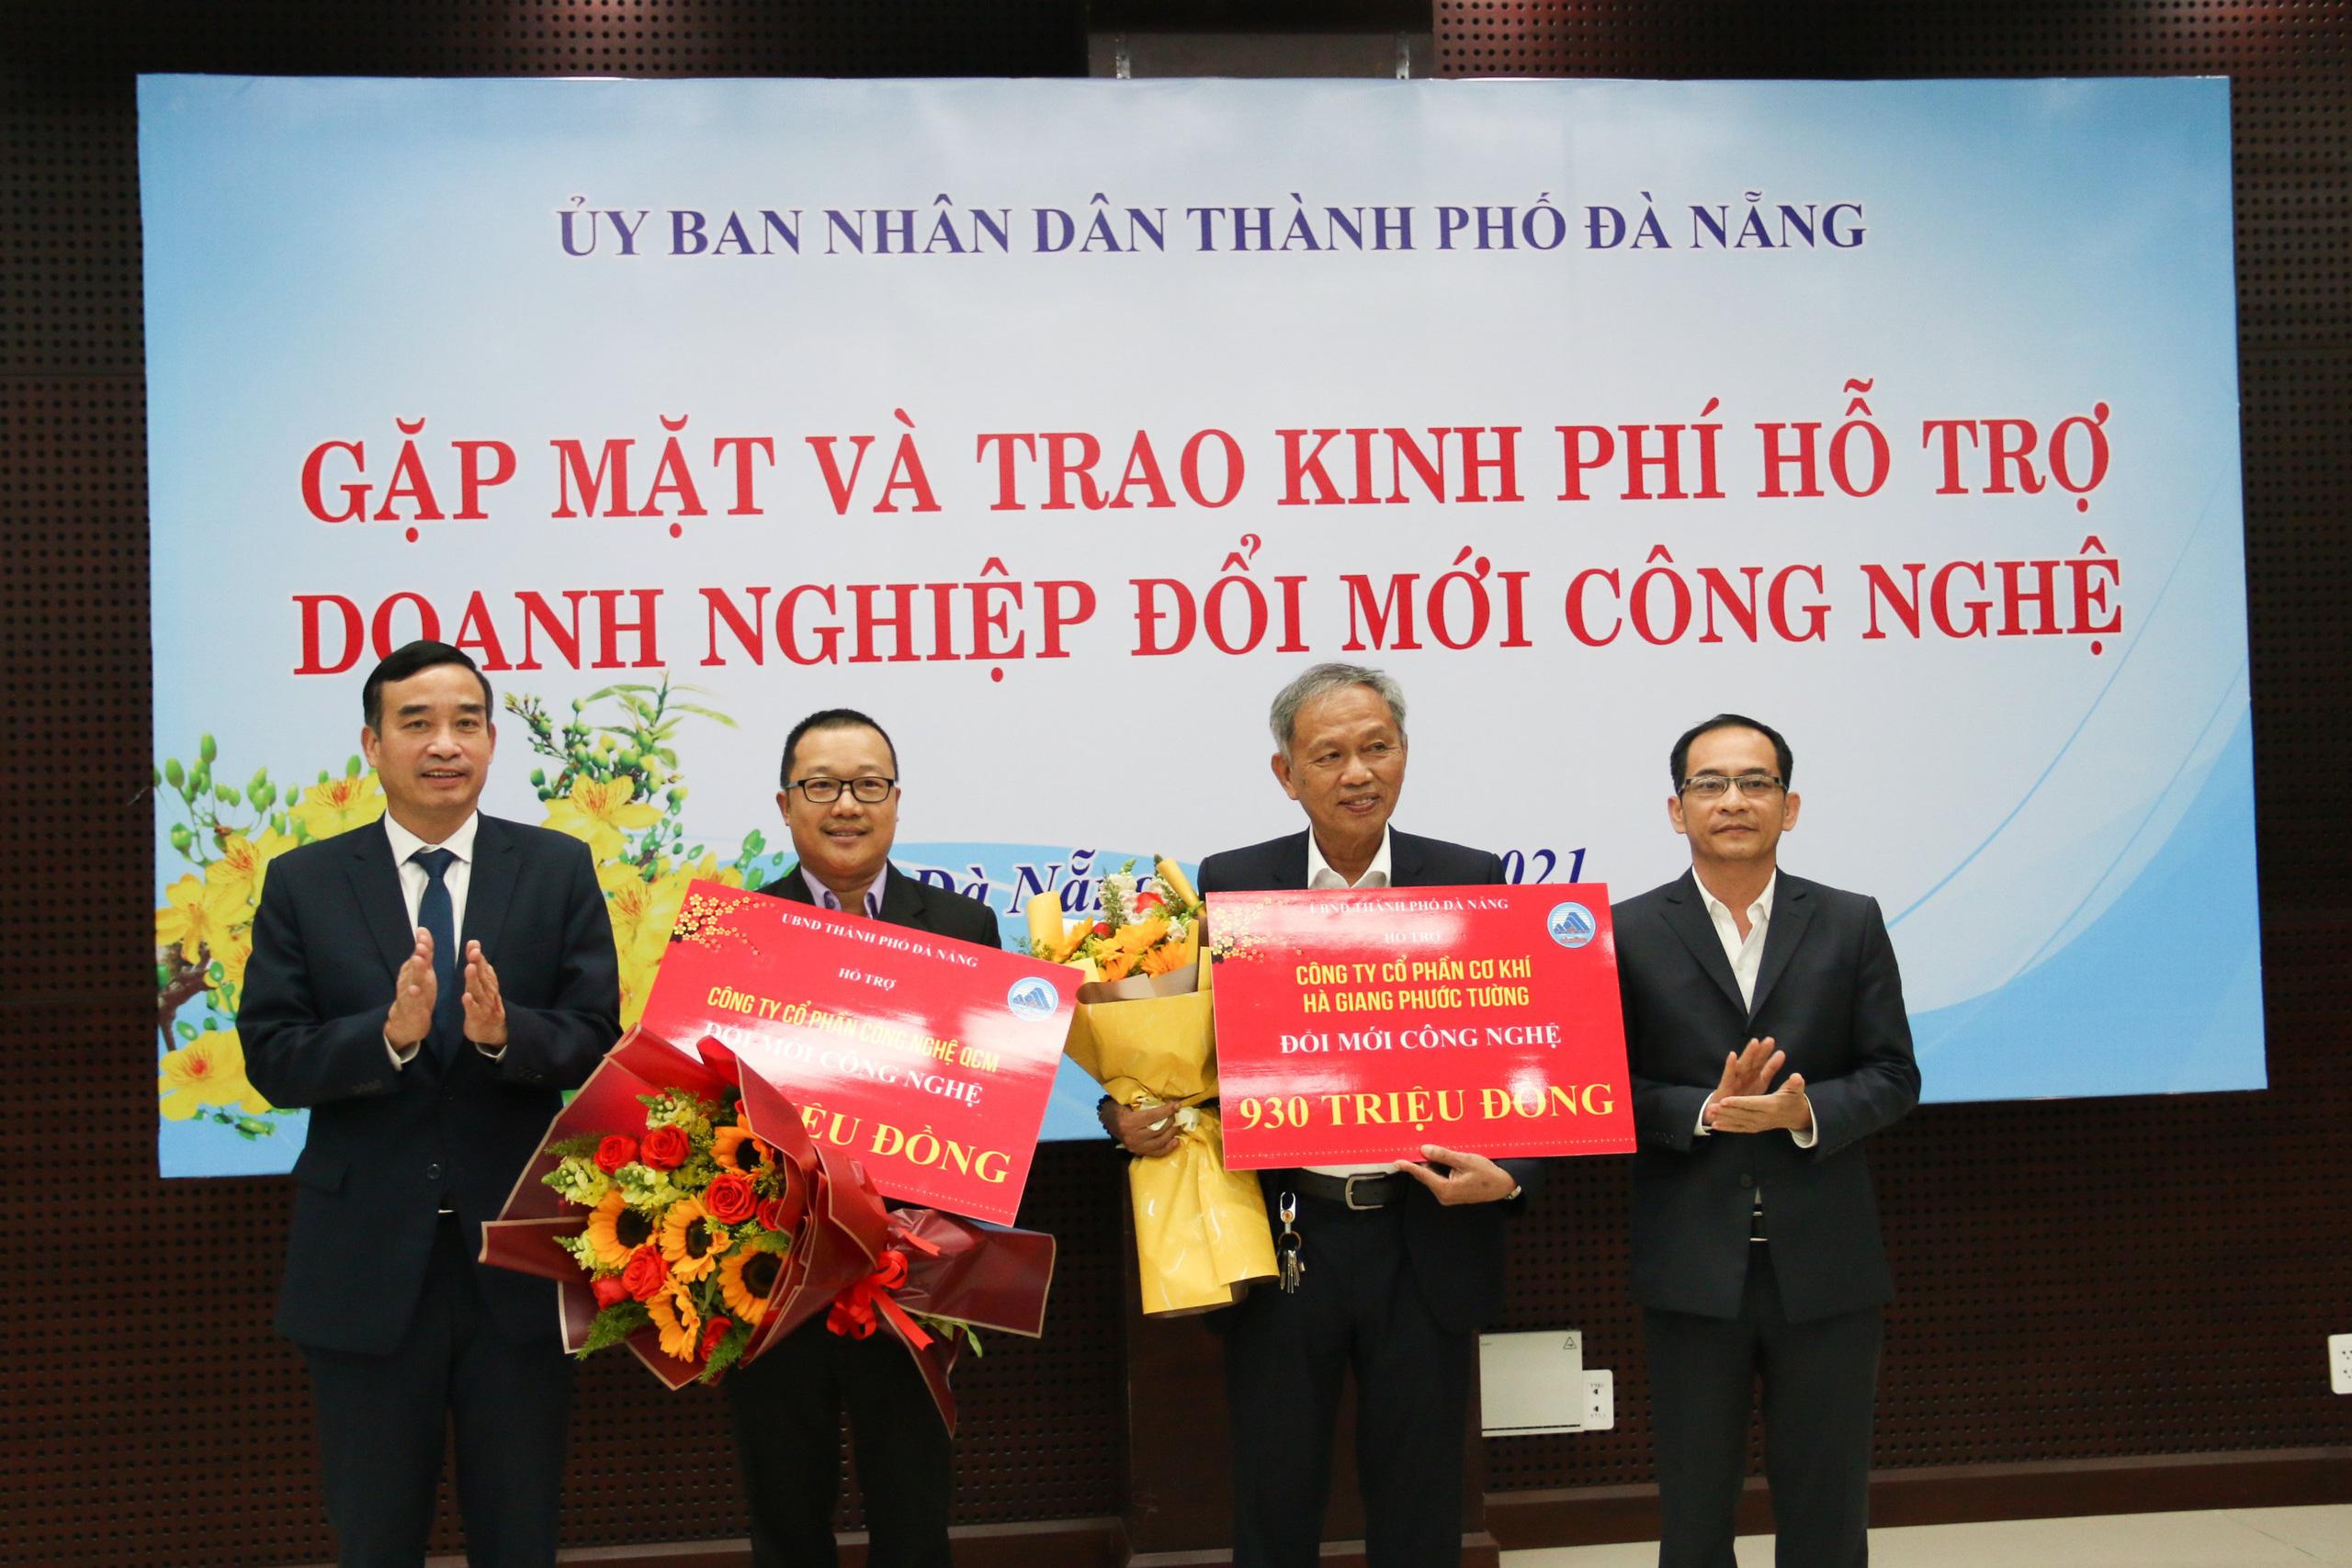 Doanh nghiệp Khoa học và Công nghệ Đà Nẵng không ngừng phát triển - Ảnh 1.